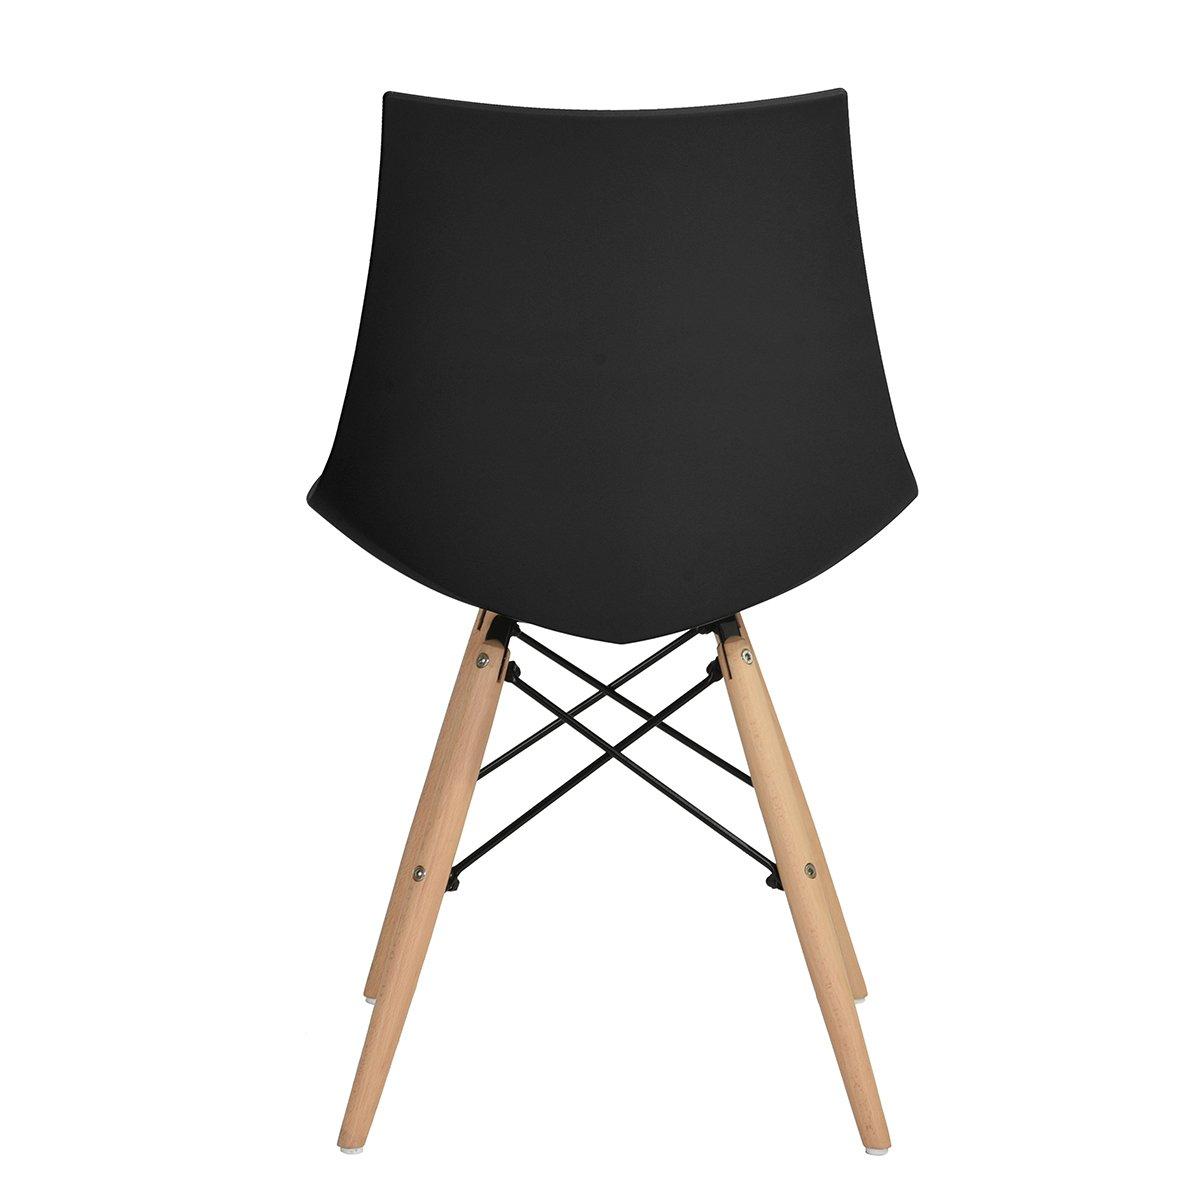 6er set holz k chenst hle retro gepolsterter b rostuhl. Black Bedroom Furniture Sets. Home Design Ideas